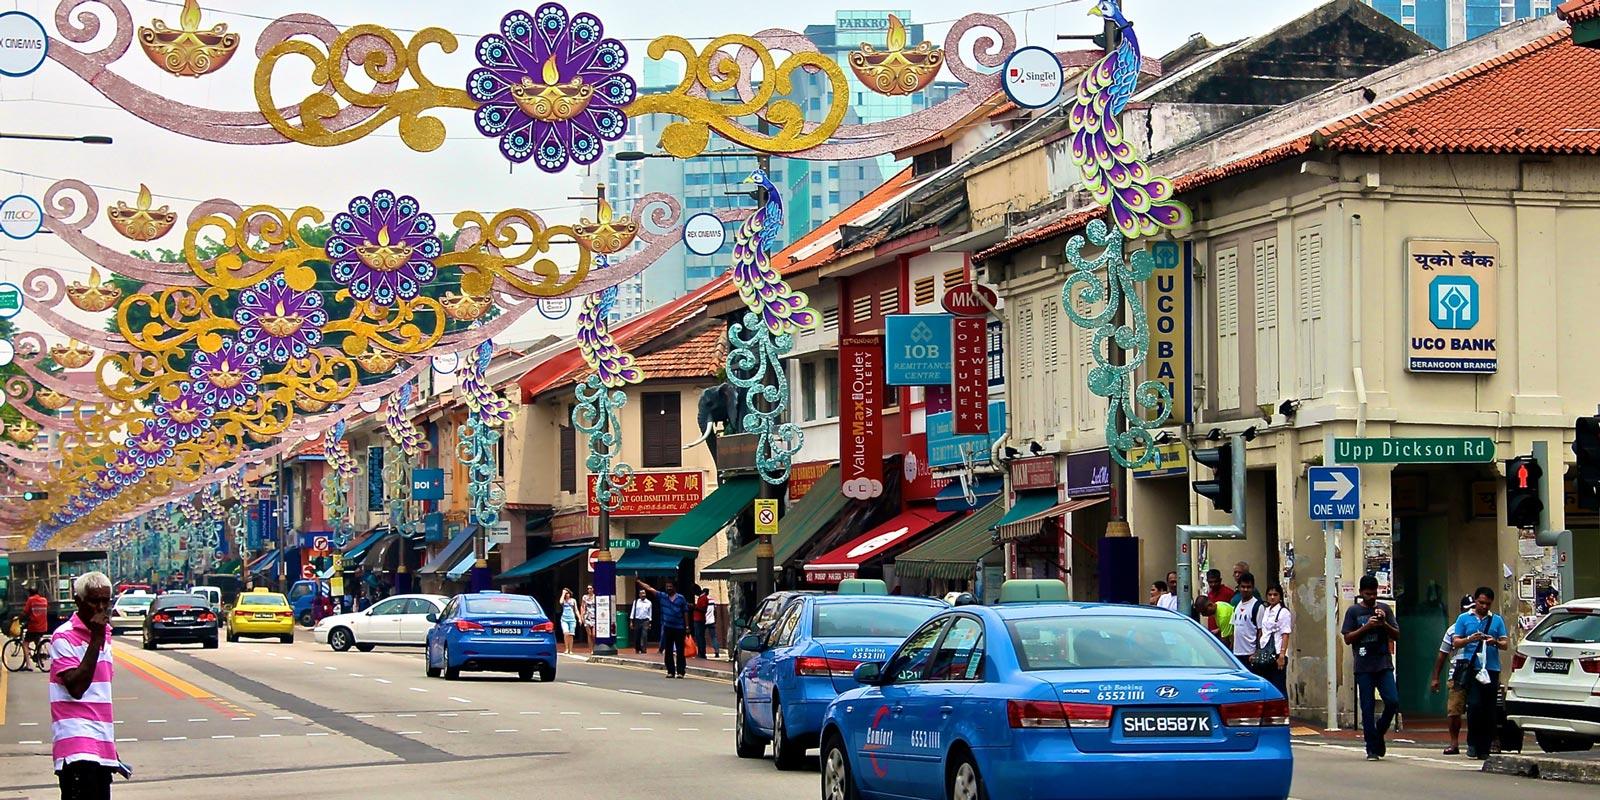 SingaporeLilIndia